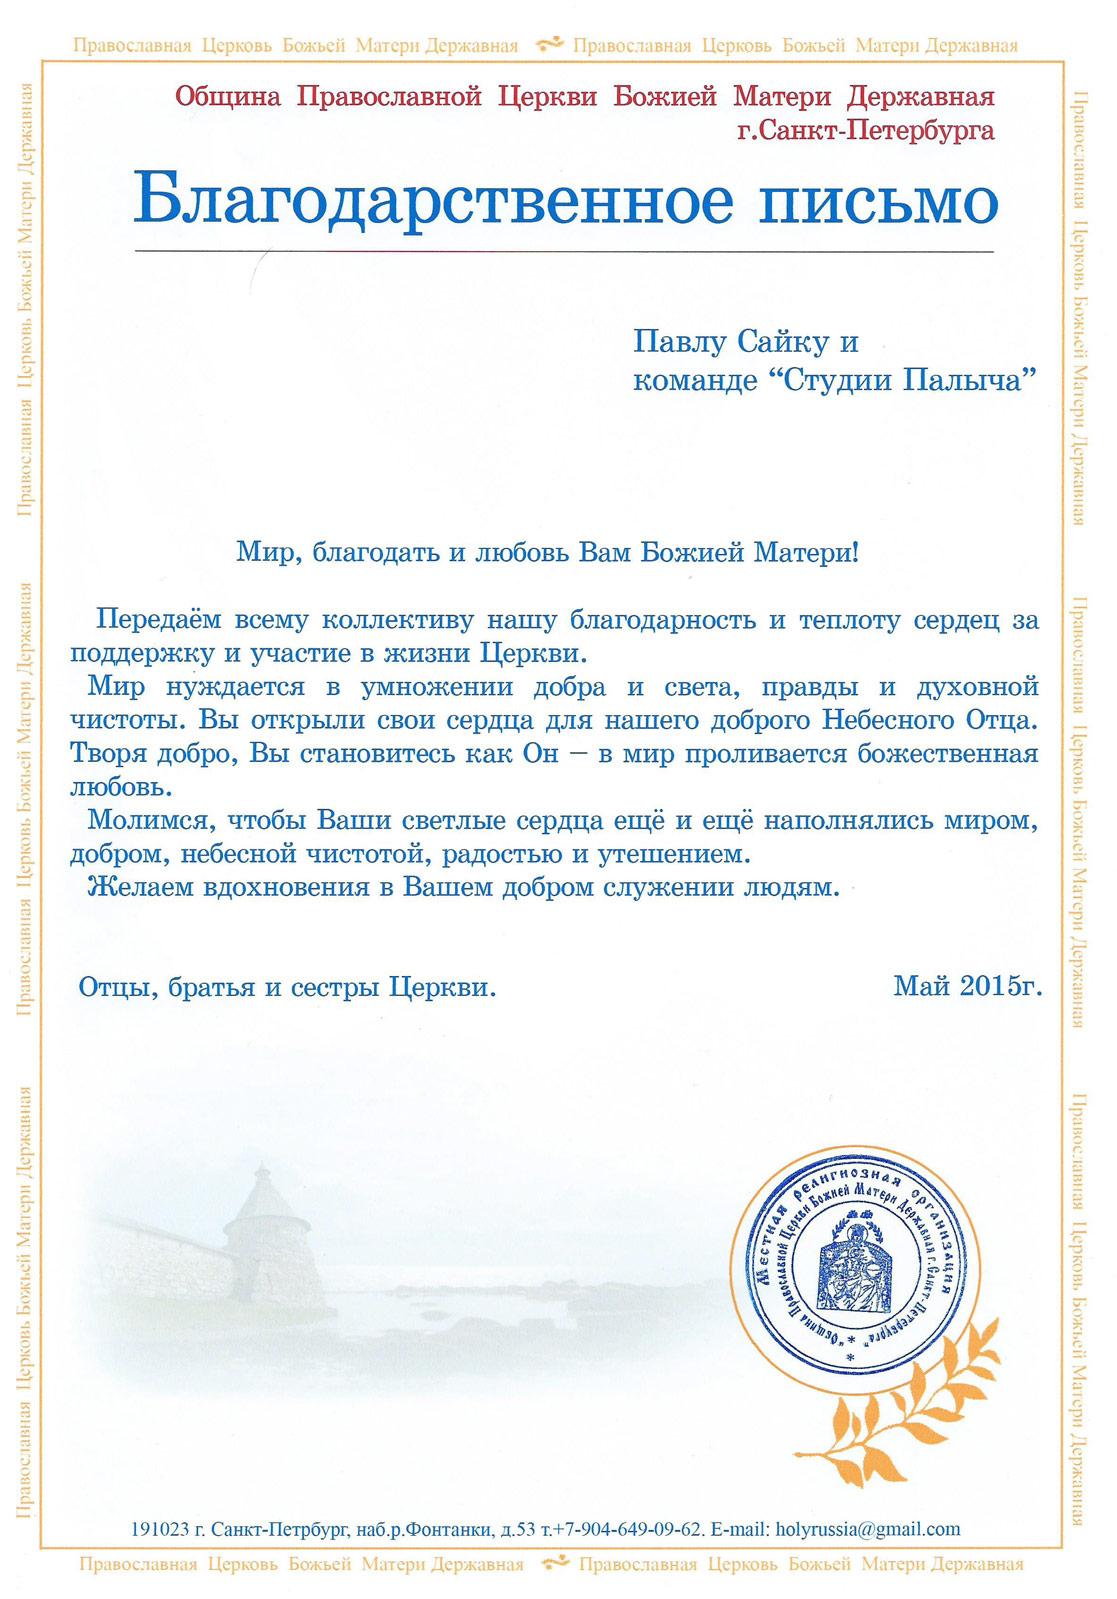 Благодарственное письмо от общины Православной Церкви Божей Матери Державная